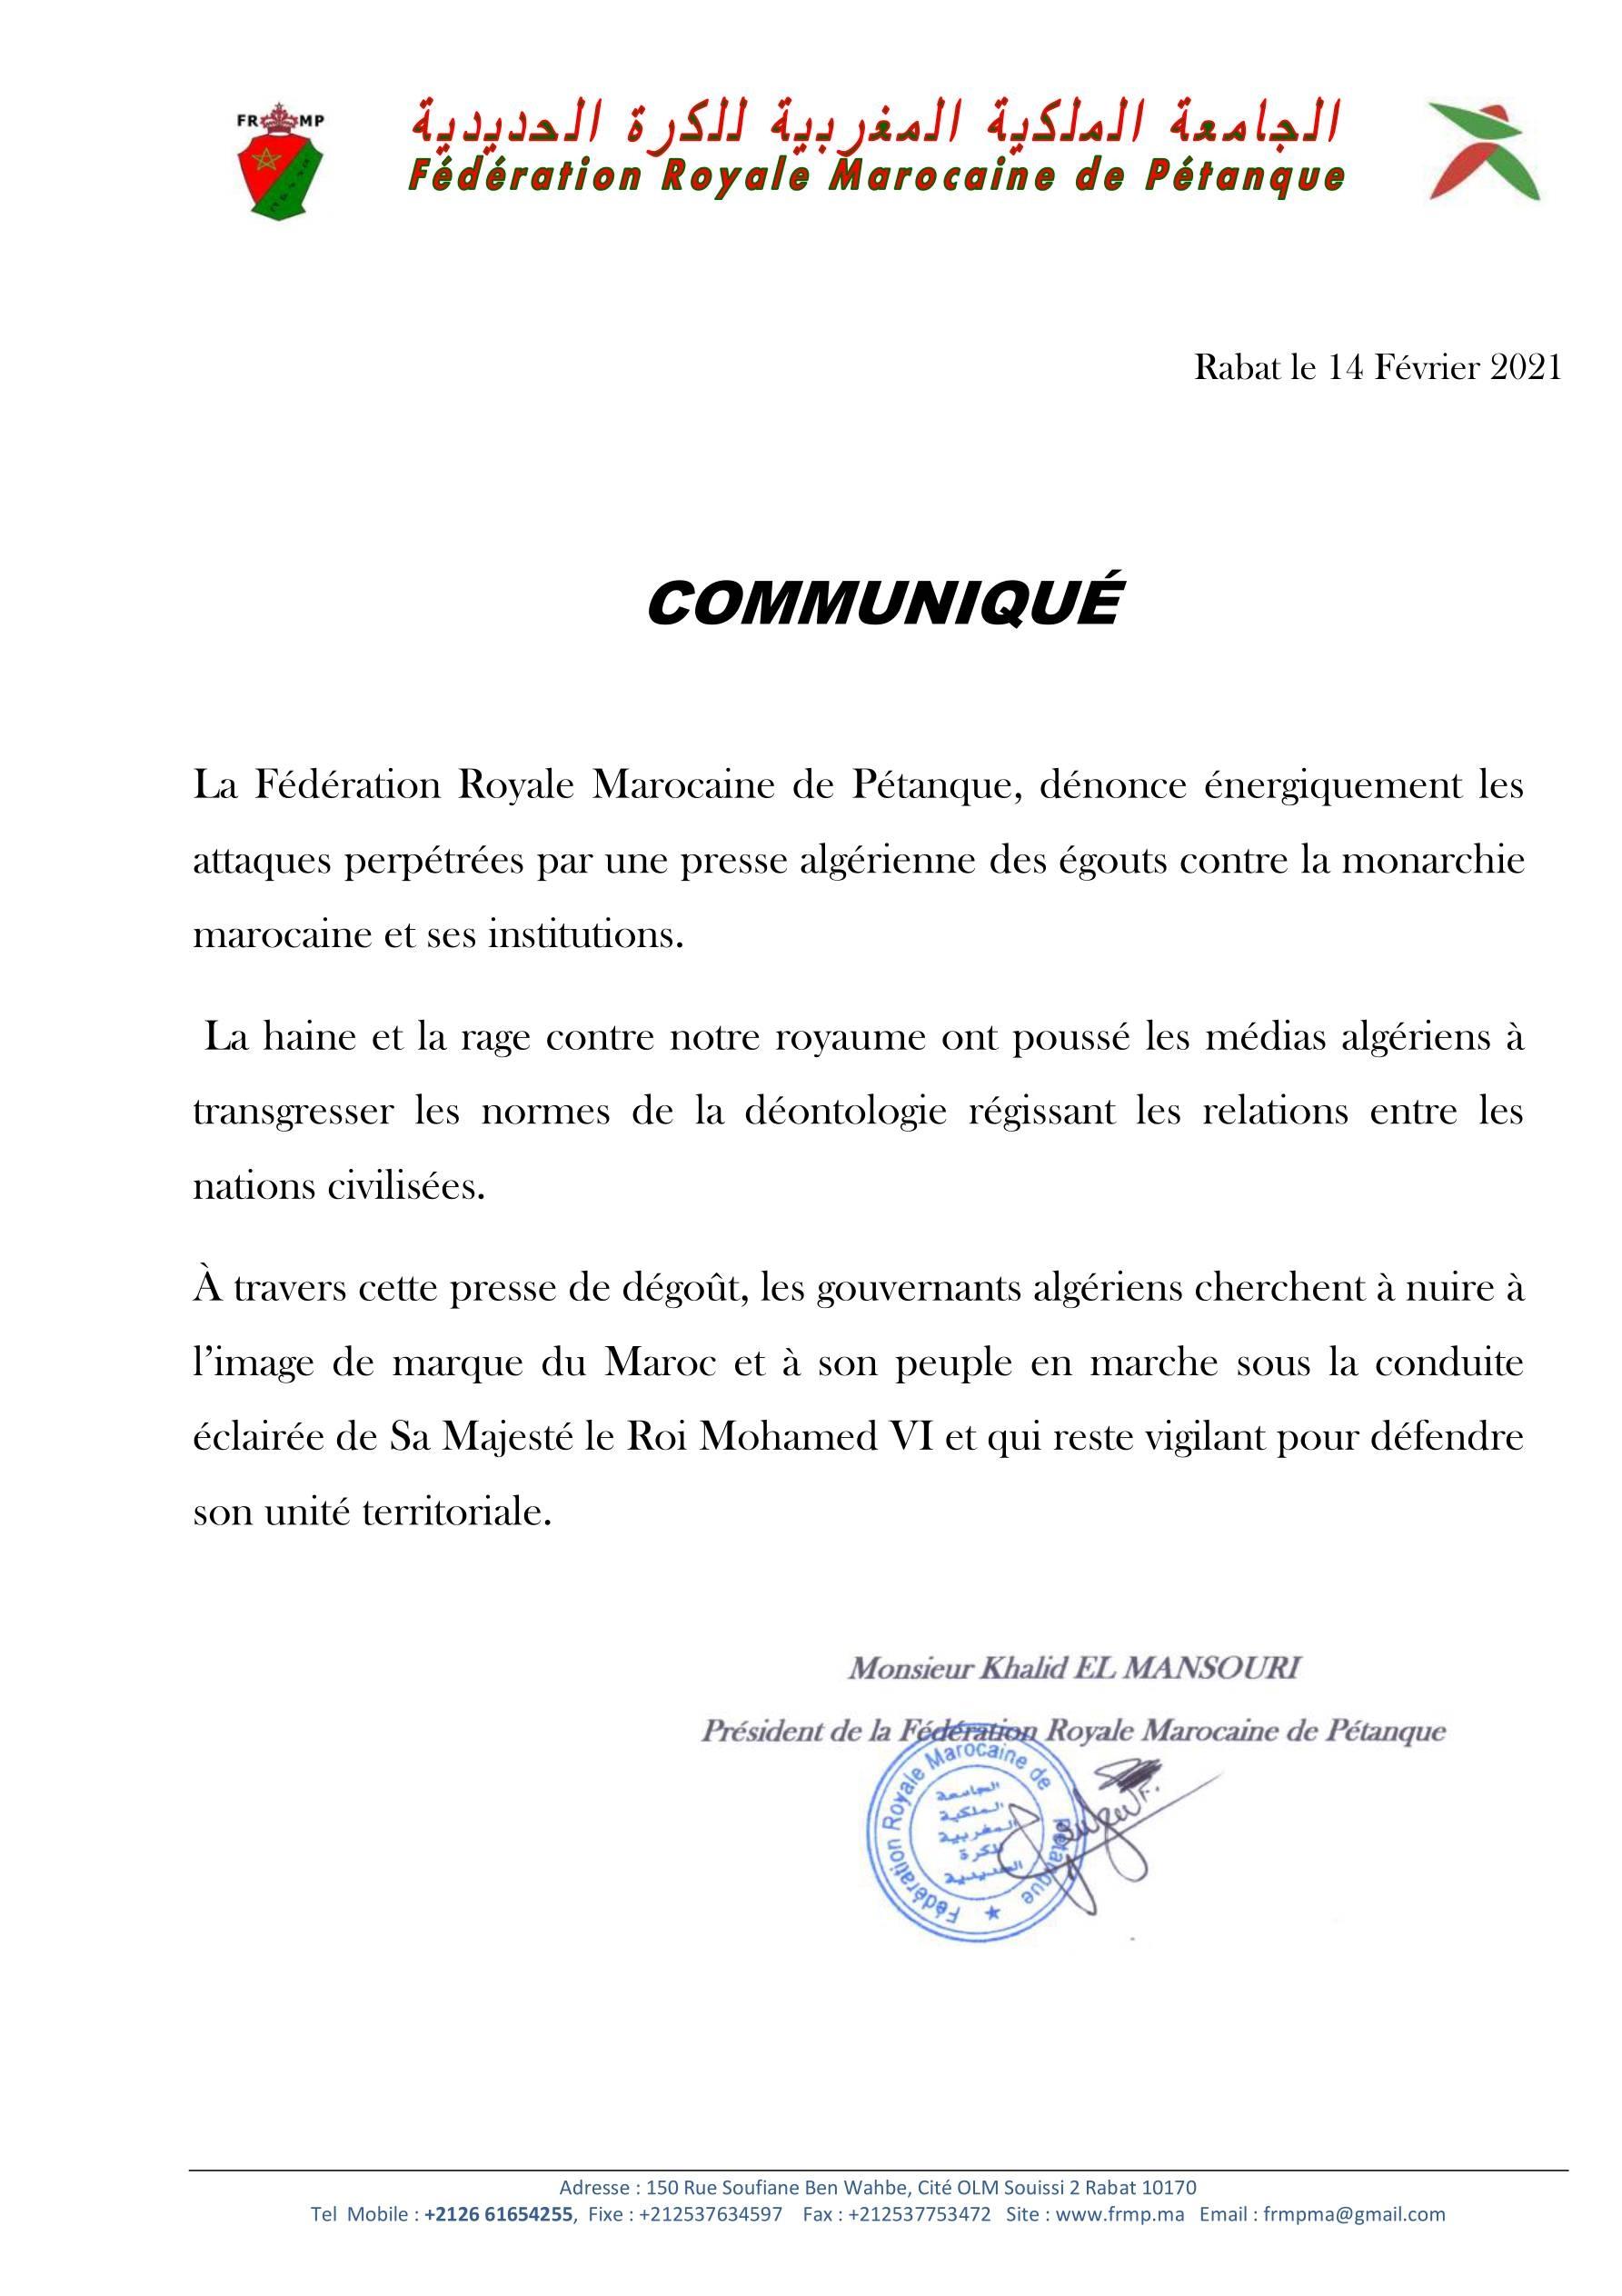 IProtestations contre les attaques de la chaîne Algérienne sur la monarchie Marocaine et ses institutions